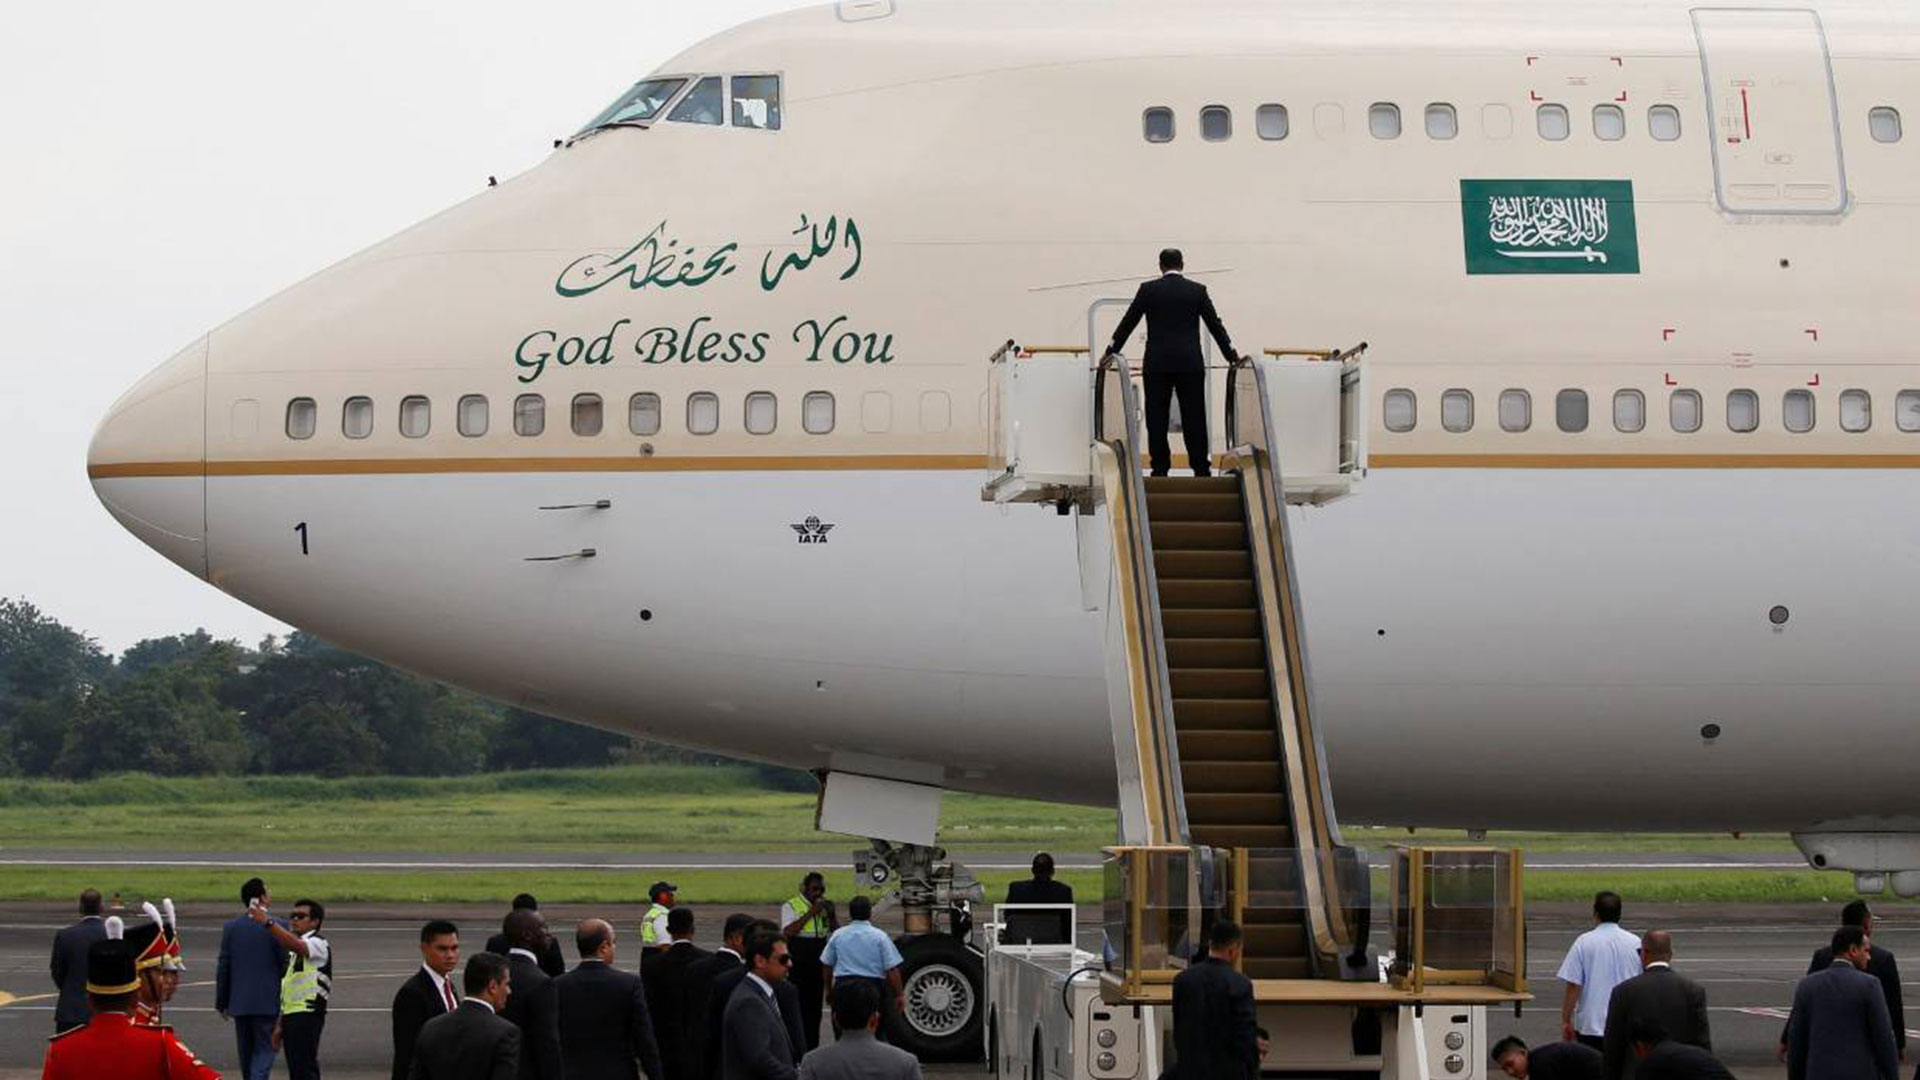 El Boeing 747-400 de la flota del gobierno saudita en el aeropuerto de Ezeiza